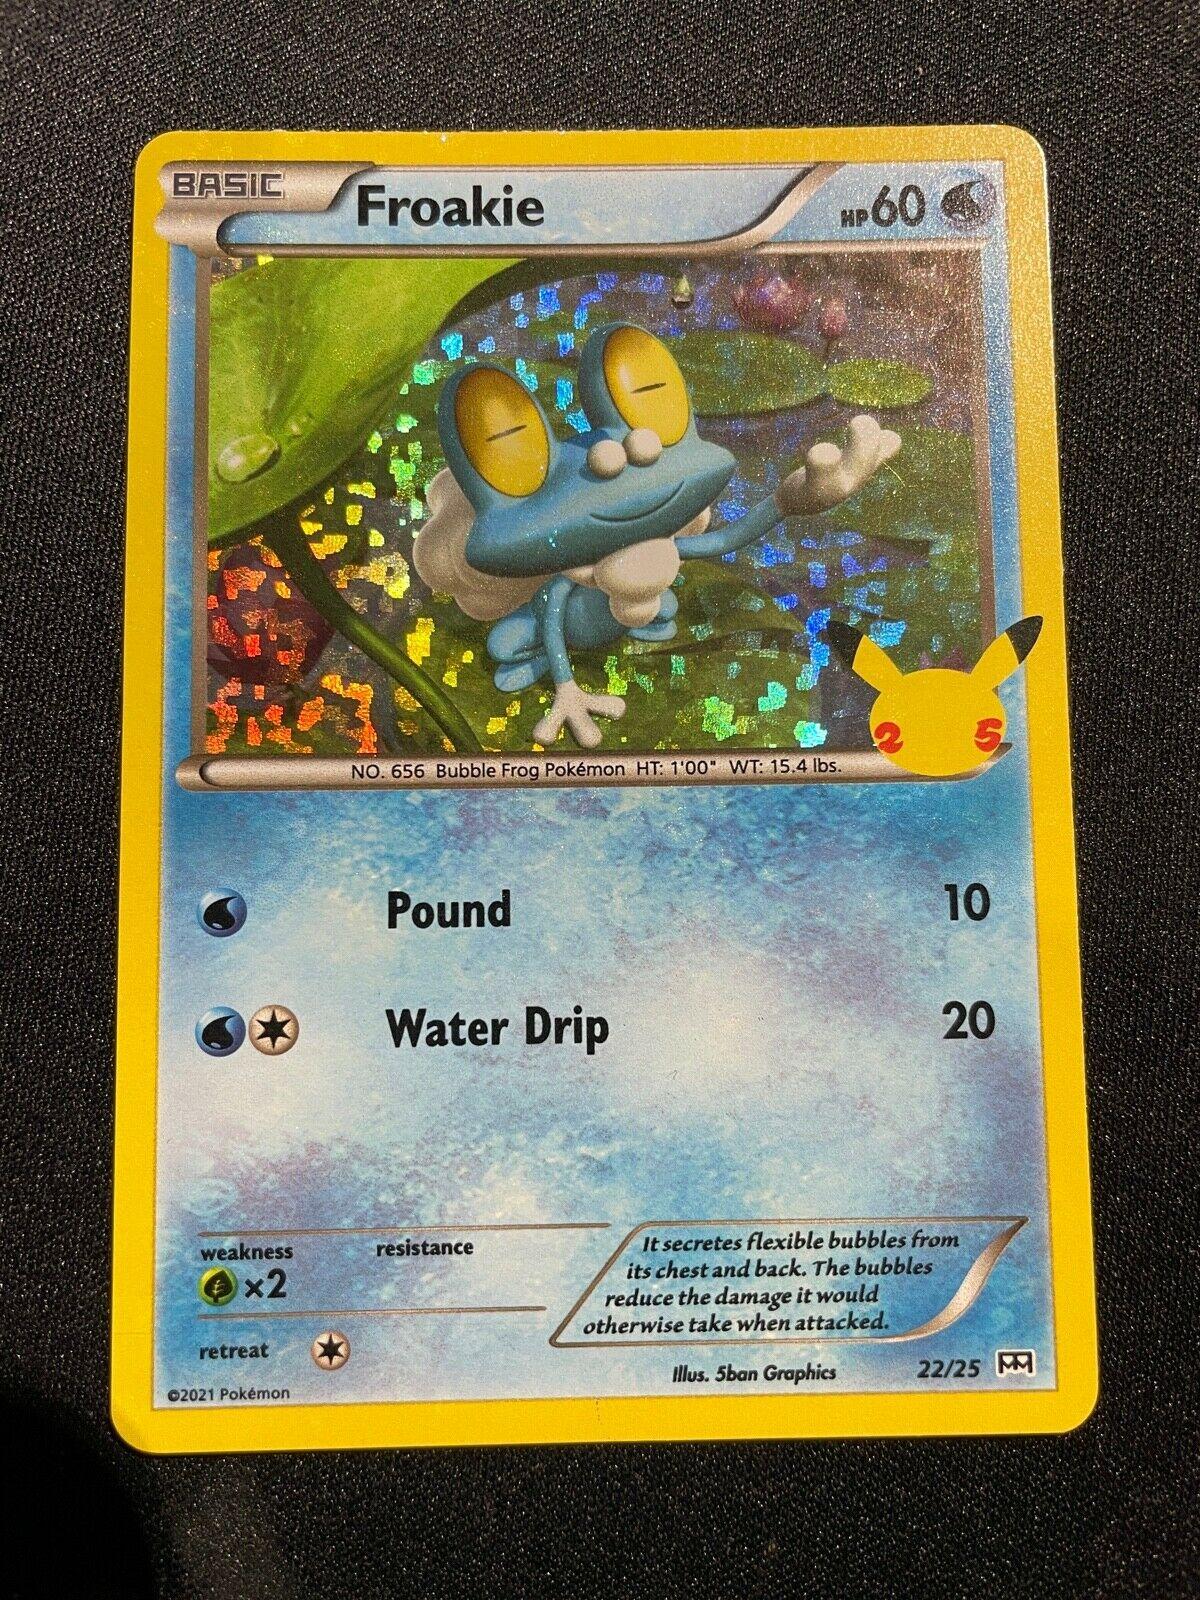 McDonald's Pokemon Trading Card - FROAKIE 22/25 HOLO